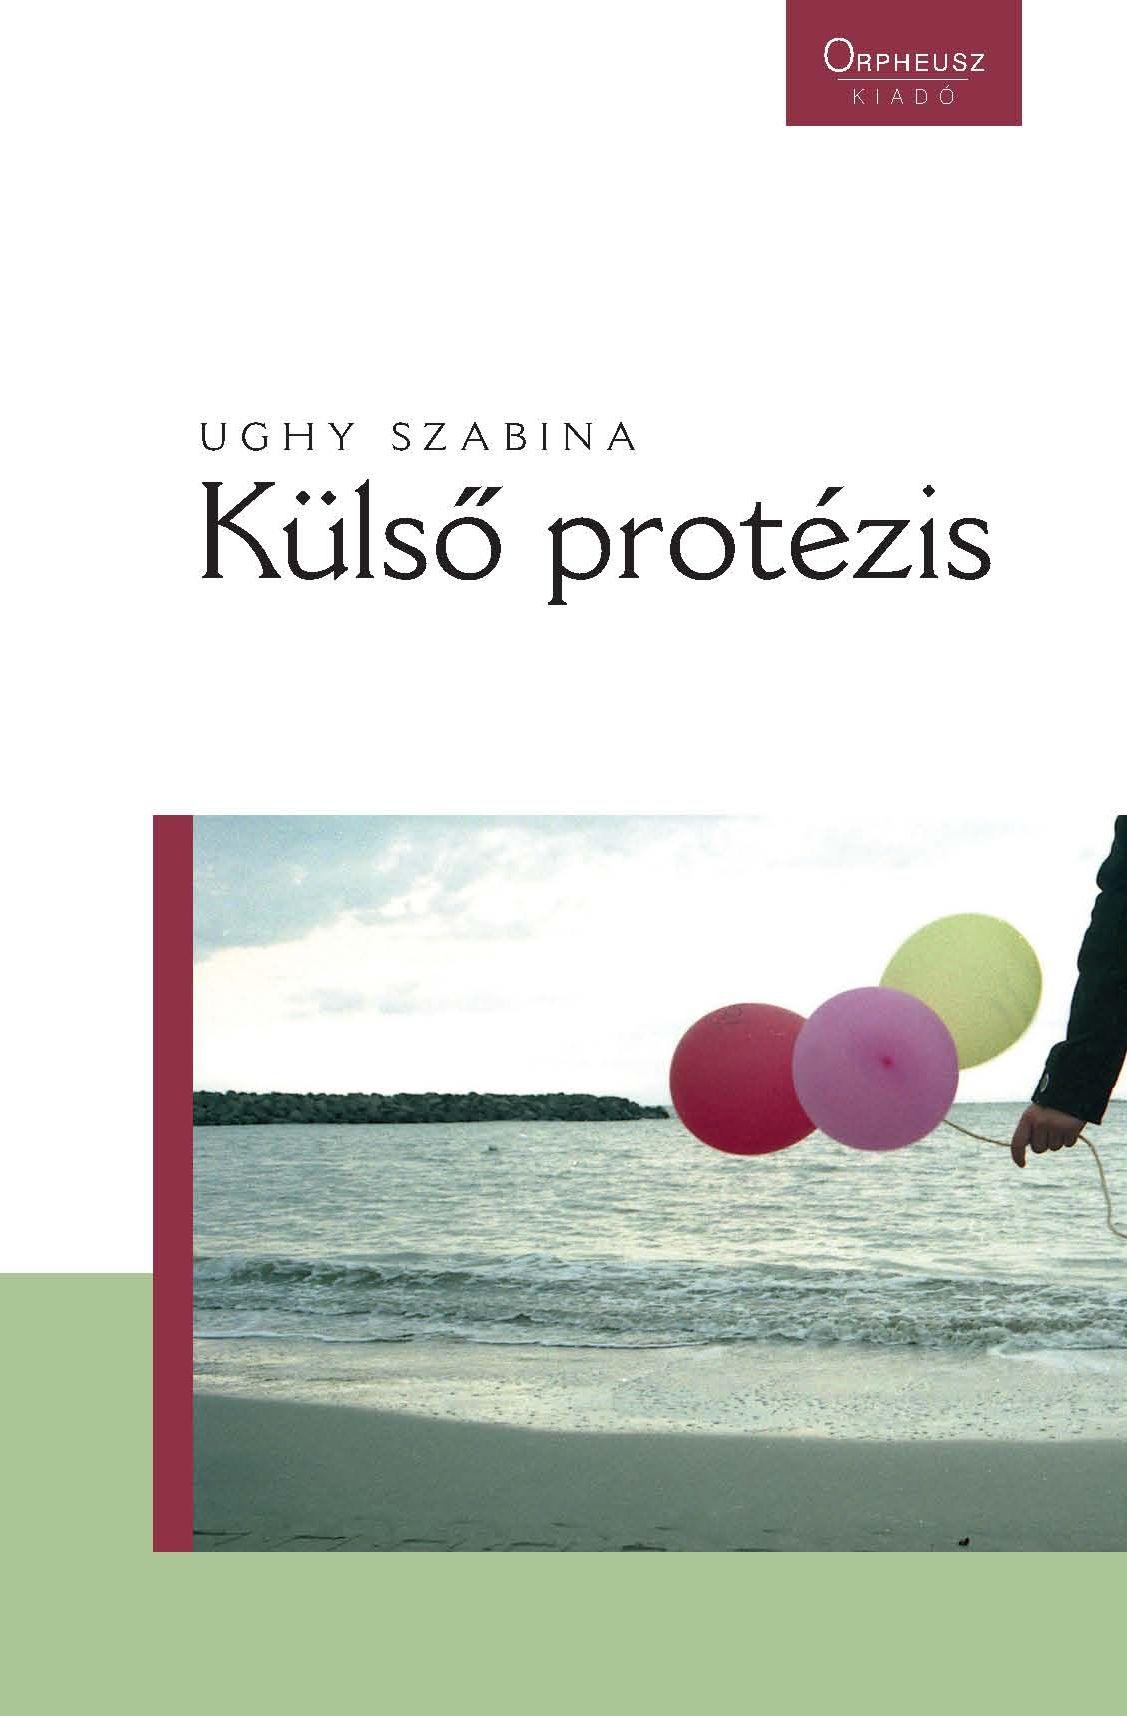 Ughy Szabina: Külső protézis